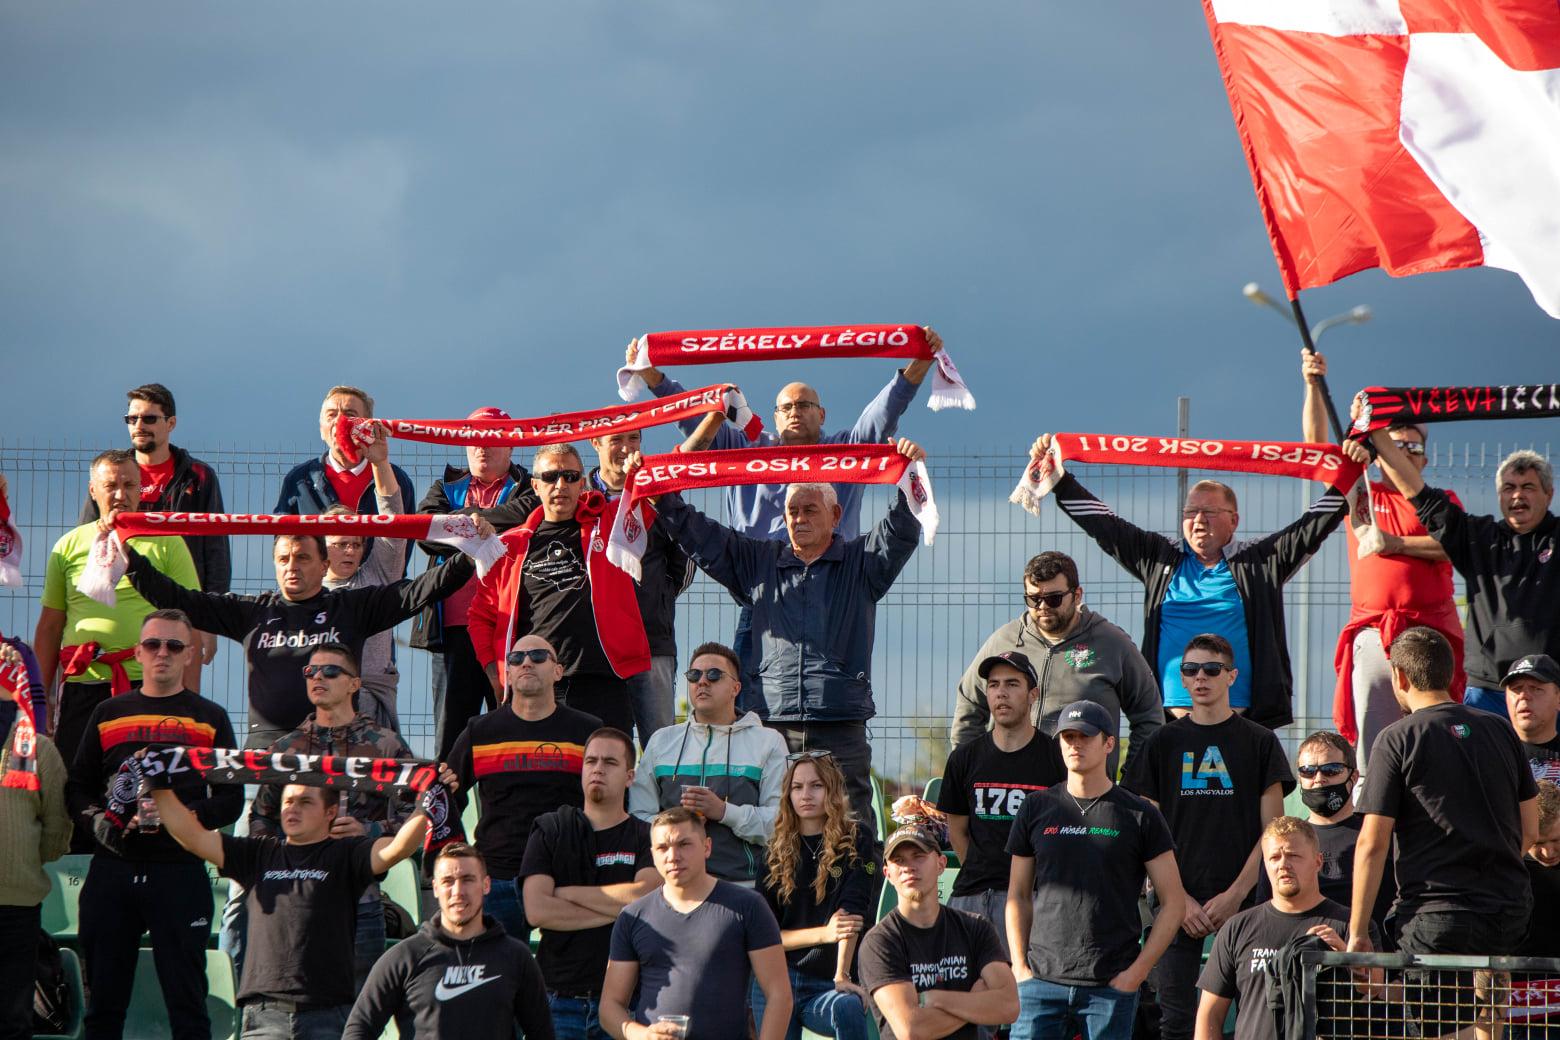 9. Forduló SEPSI OSK 0 - 0 FC UTA ARAD